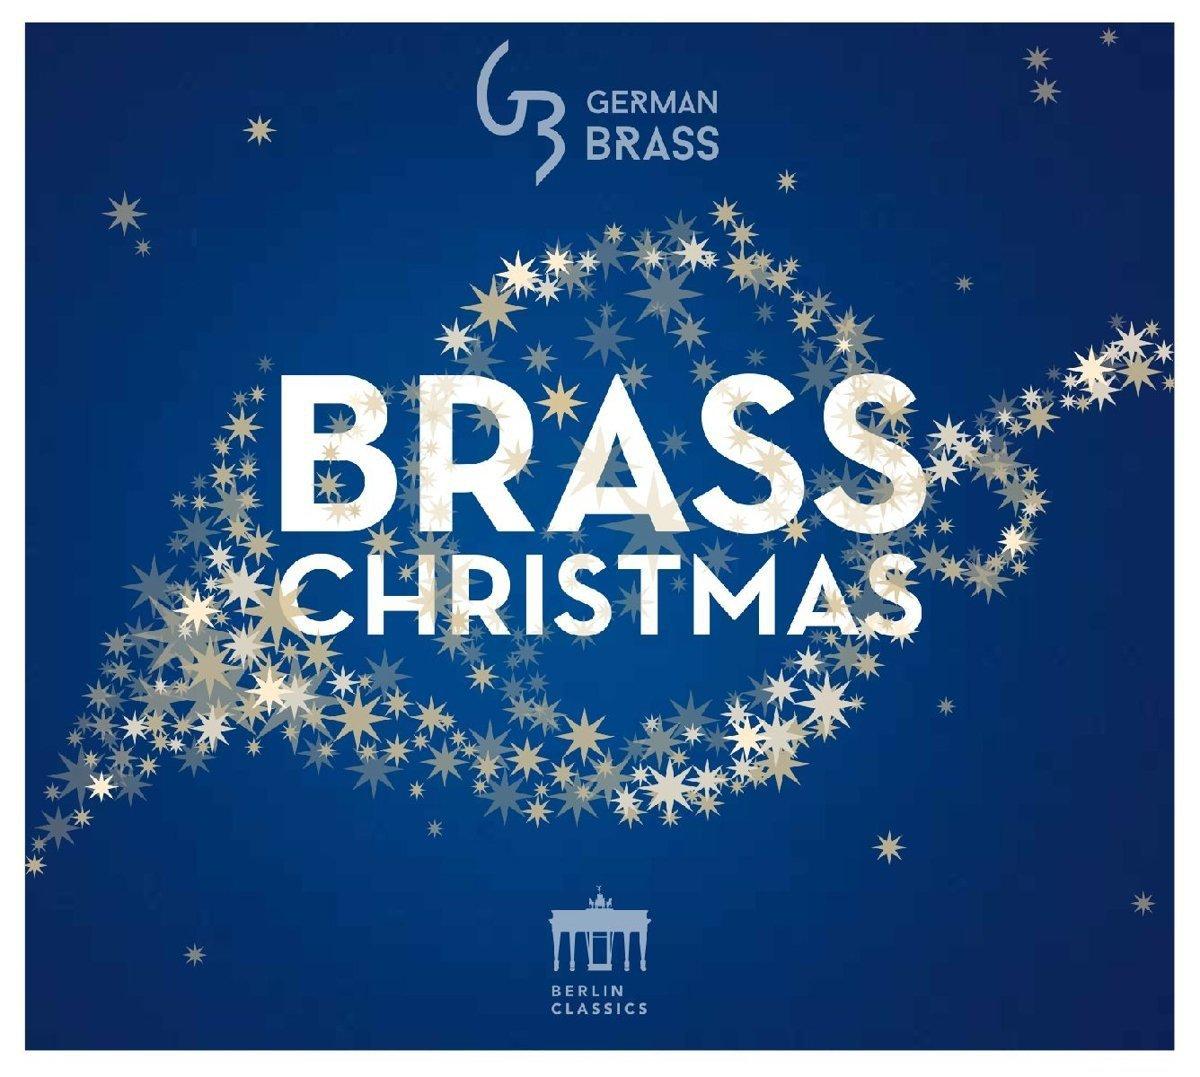 Brass Christmas - German Brass, Bach, Händel, Humperdinck: Amazon.de ...